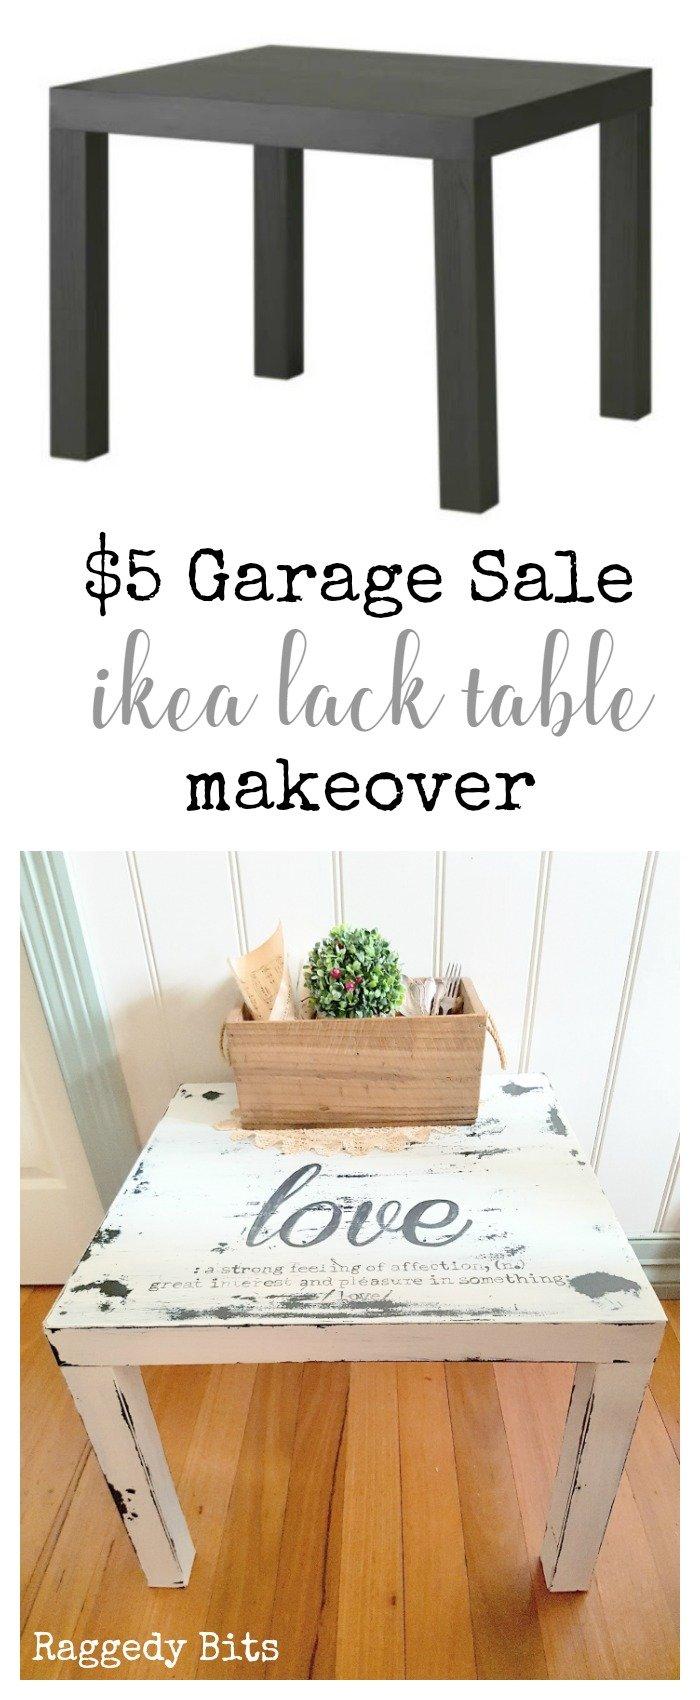 the 5 garage sale ikea lack table make over. Black Bedroom Furniture Sets. Home Design Ideas